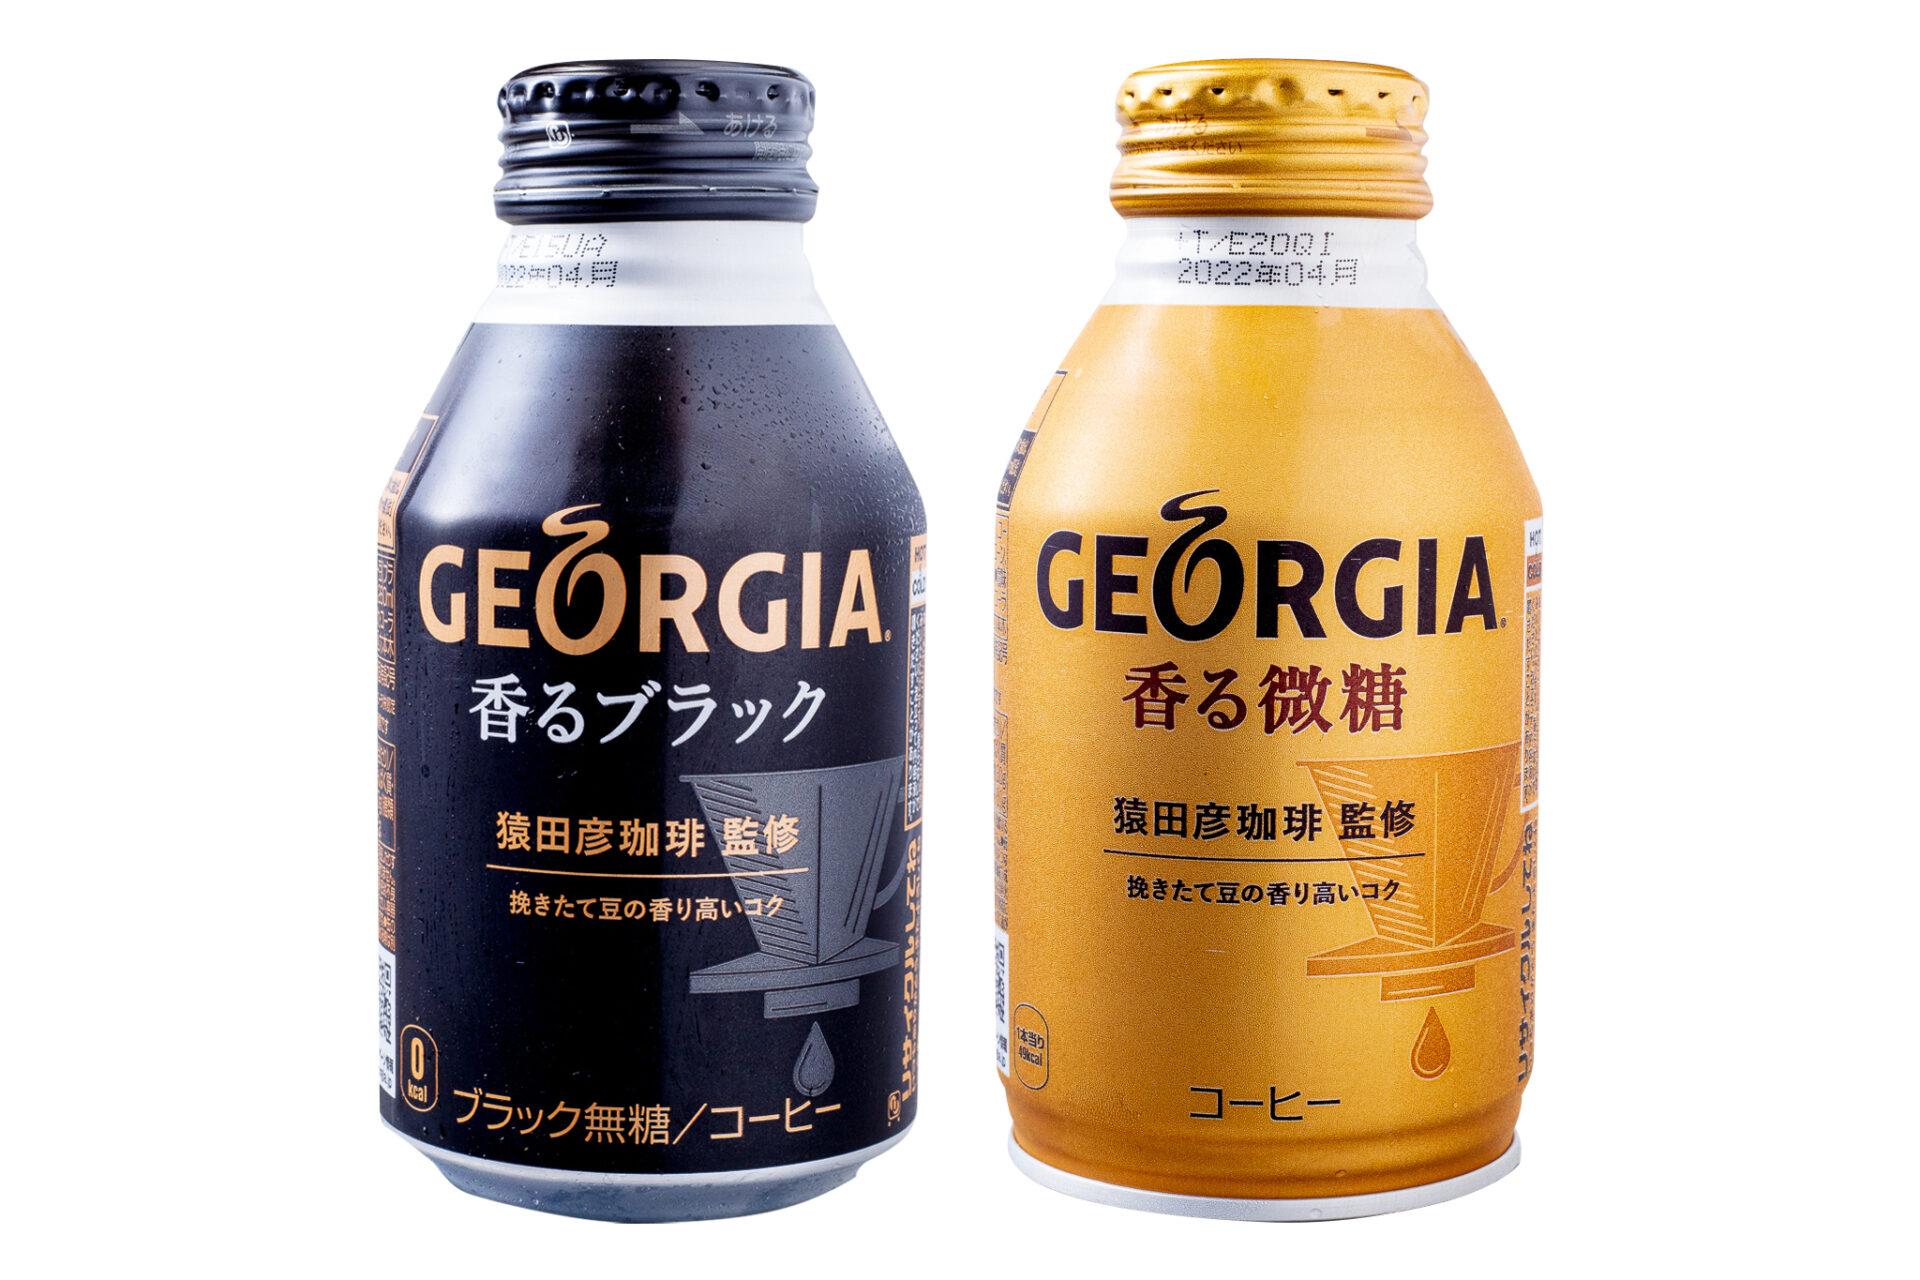 コカ・コーラ『ジョージア 香るブラック』『ジョージア 香る微糖』